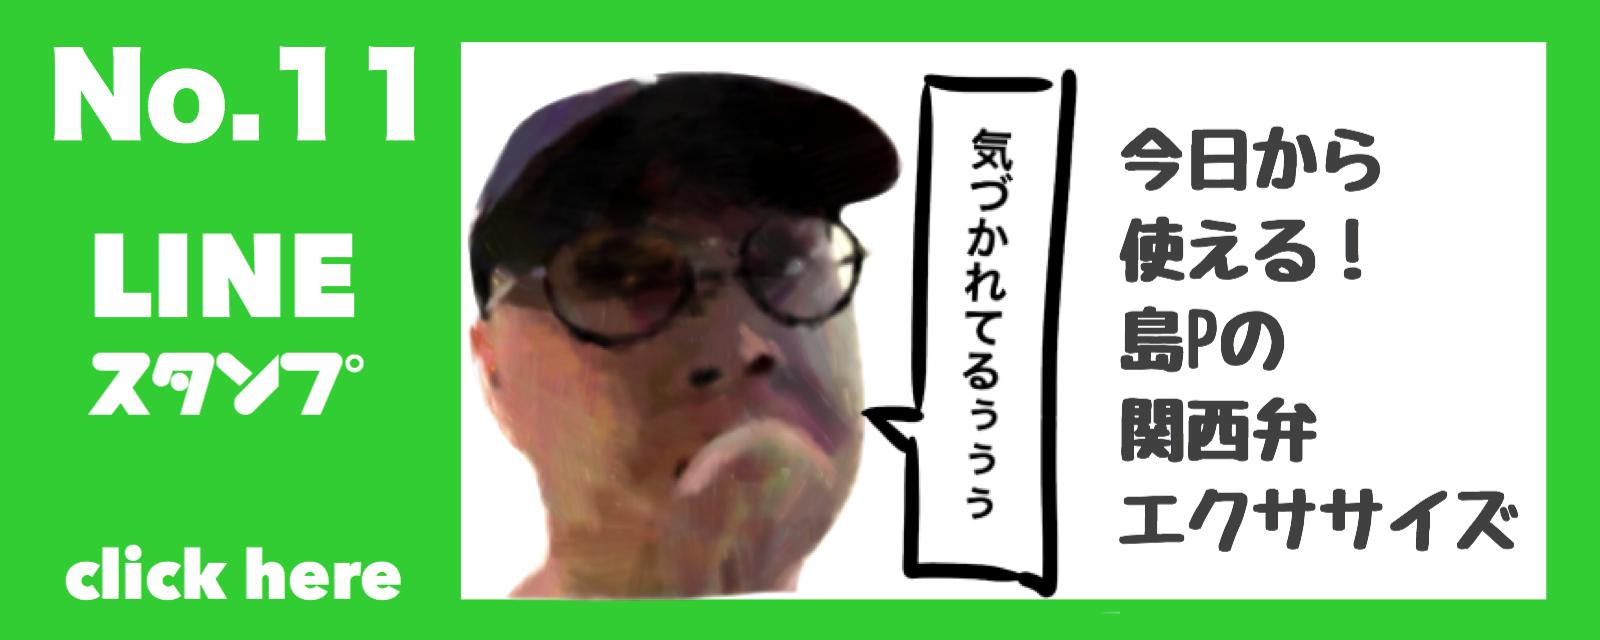 今日から使える!島Pの関西弁エクササイズ